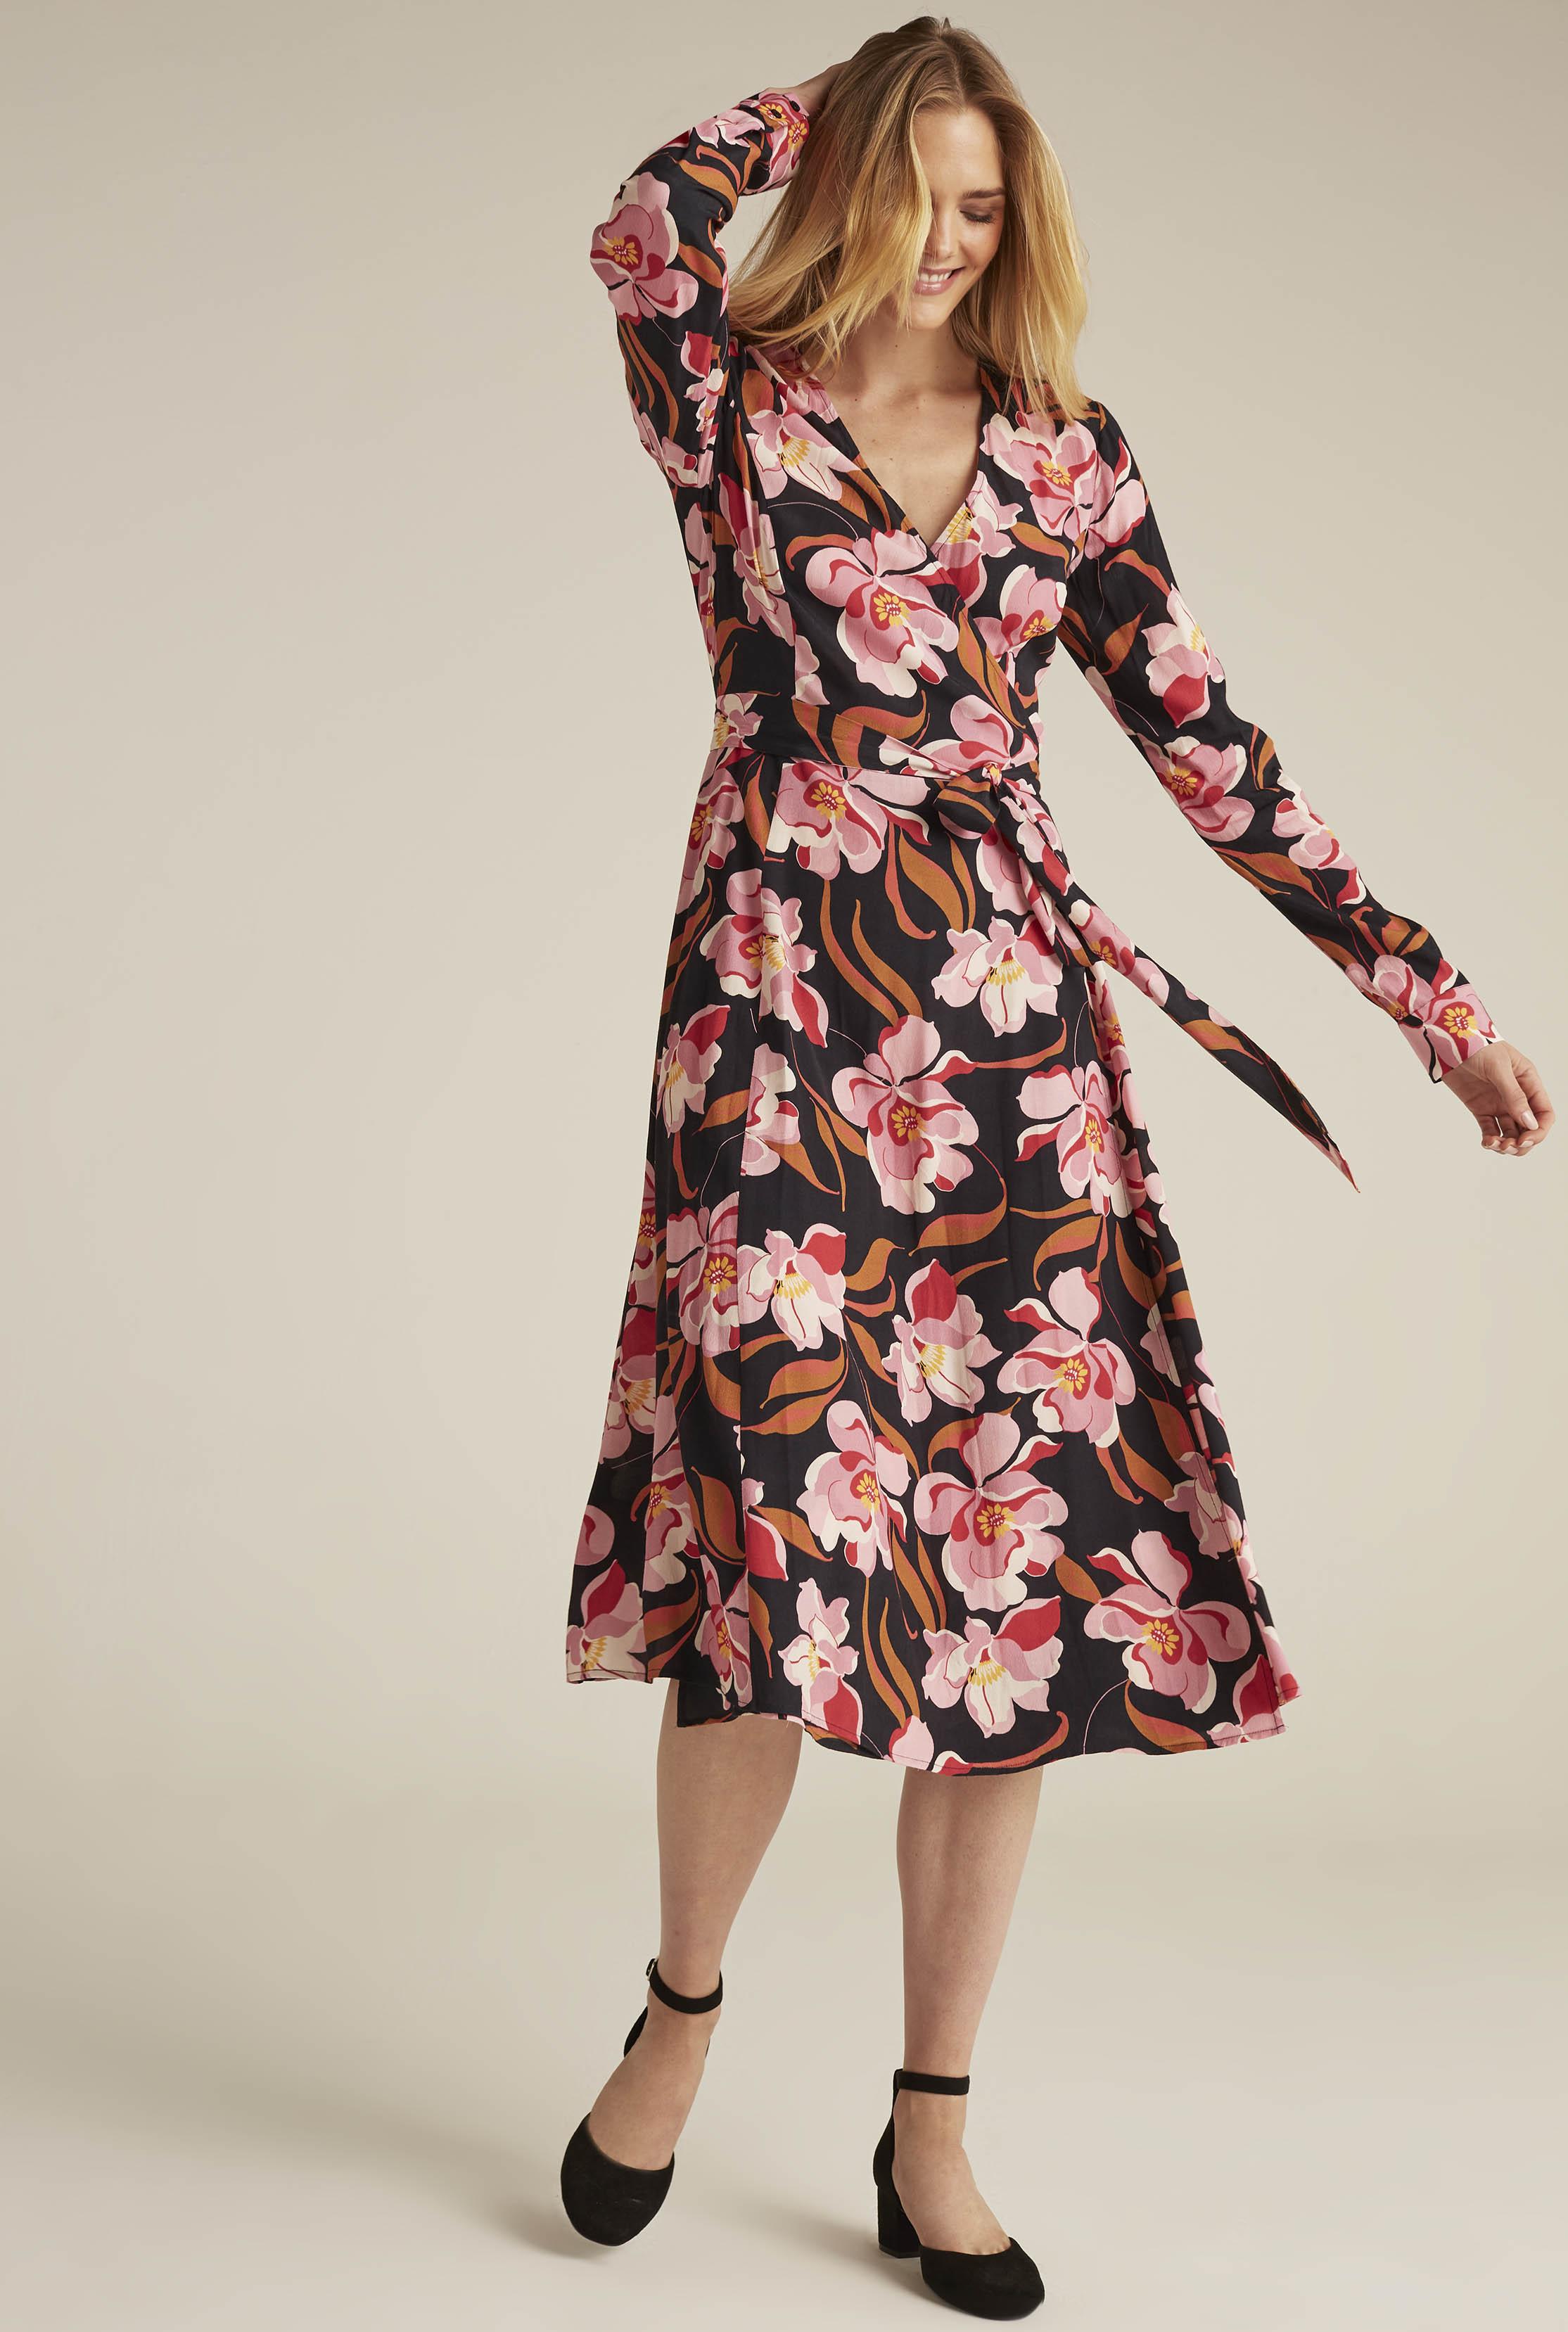 Black Floral Print Woven Wrap Dress